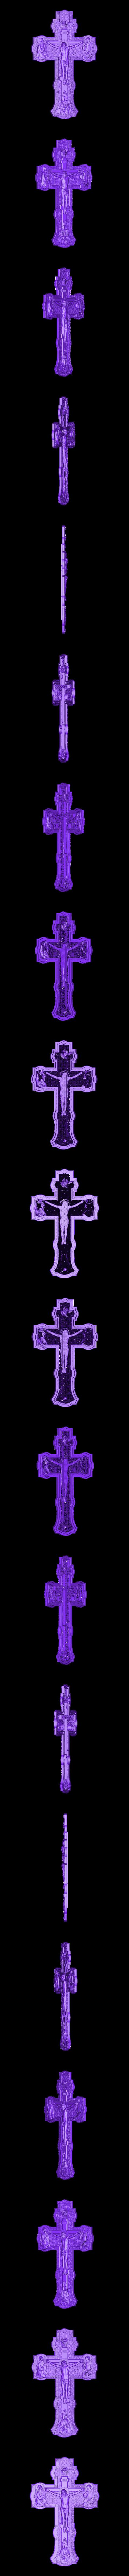 1000144.STL Télécharger fichier STL gratuit Jesus christ croix croix romaine tuant cnc art • Modèle à imprimer en 3D, Terhrinai